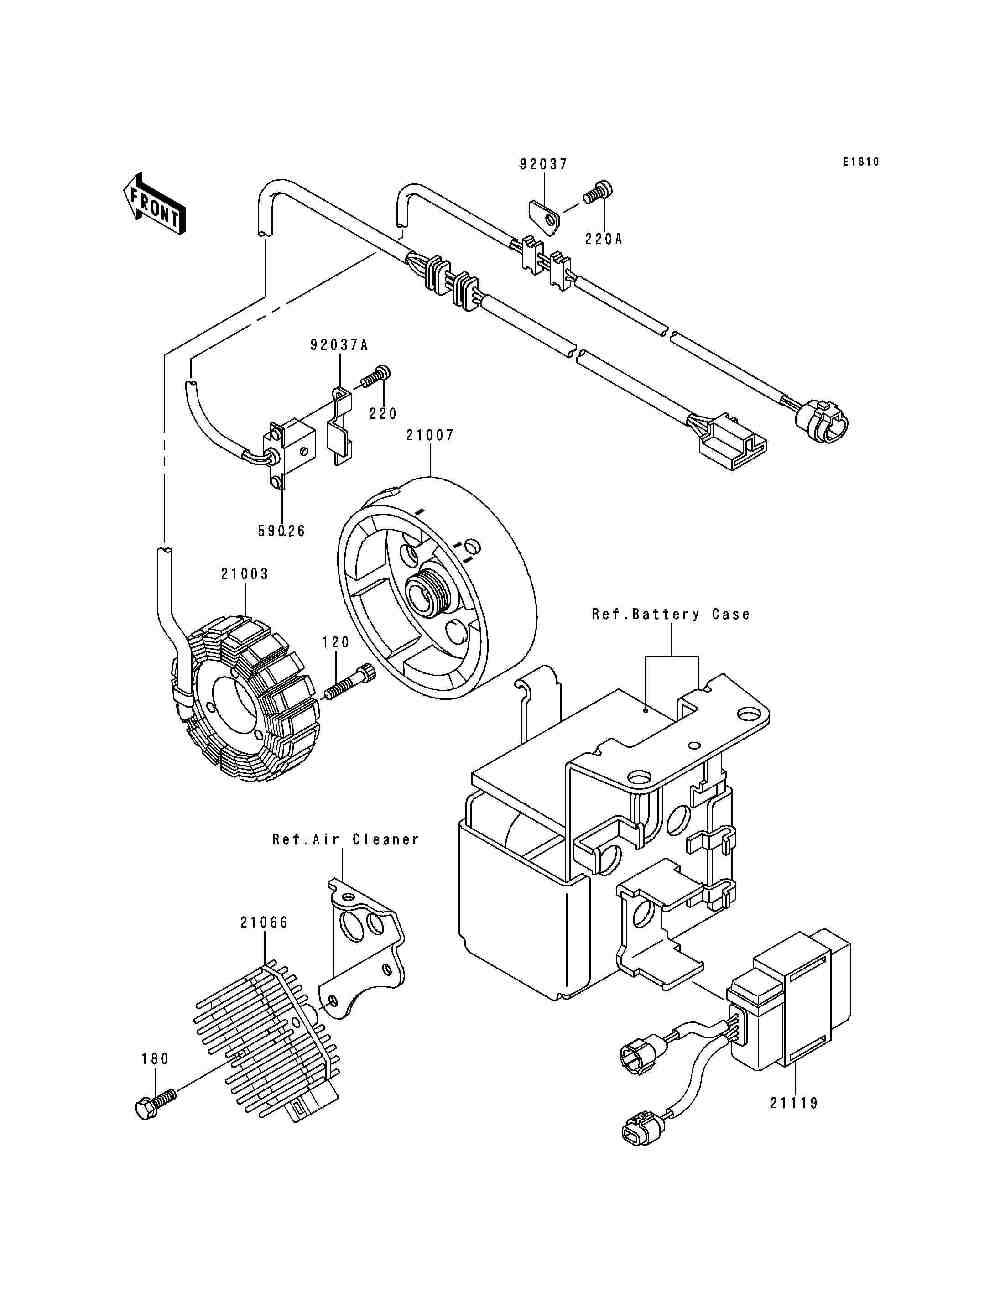 bayou kawasaki klf185 a wiring diagram online wiring diagram Tao Tao 110Cc ATV Wiring Diagram kawasaki klf185 wiring schematic wiring diagram databasewiring diagram kawasaki bayou 220 part wiring diagram database kawasaki